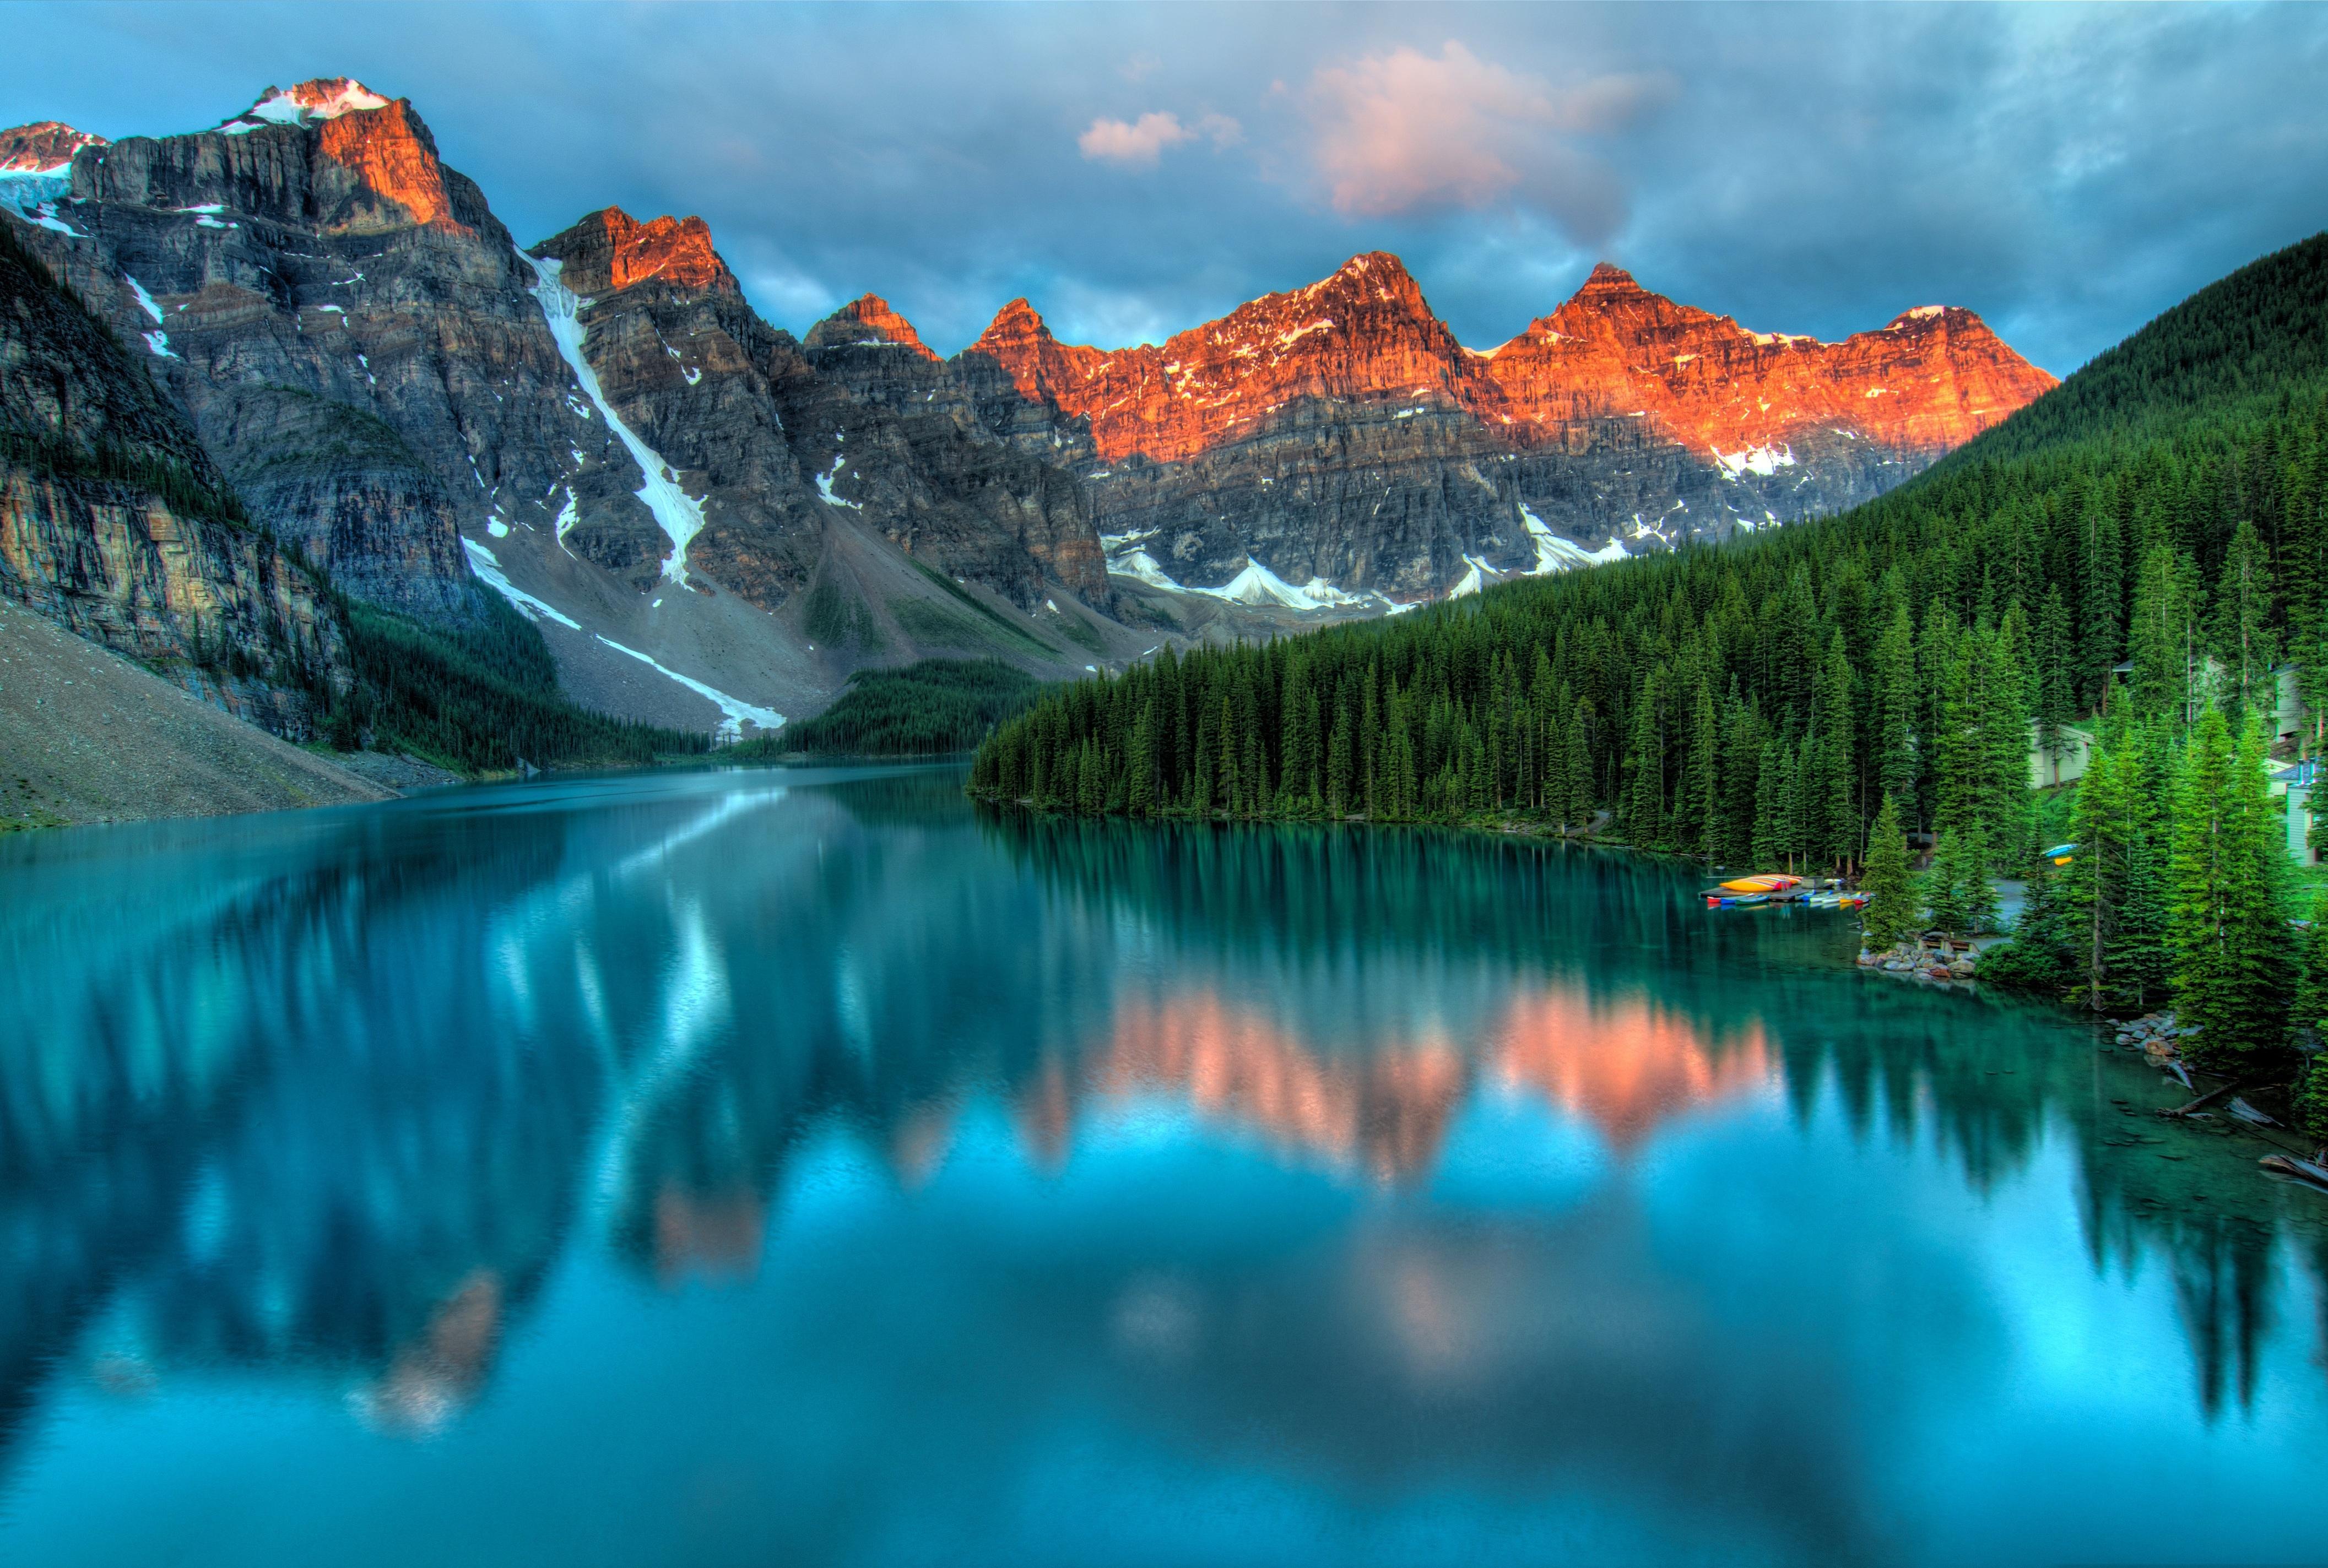 Glacier Lake Moiraine Images